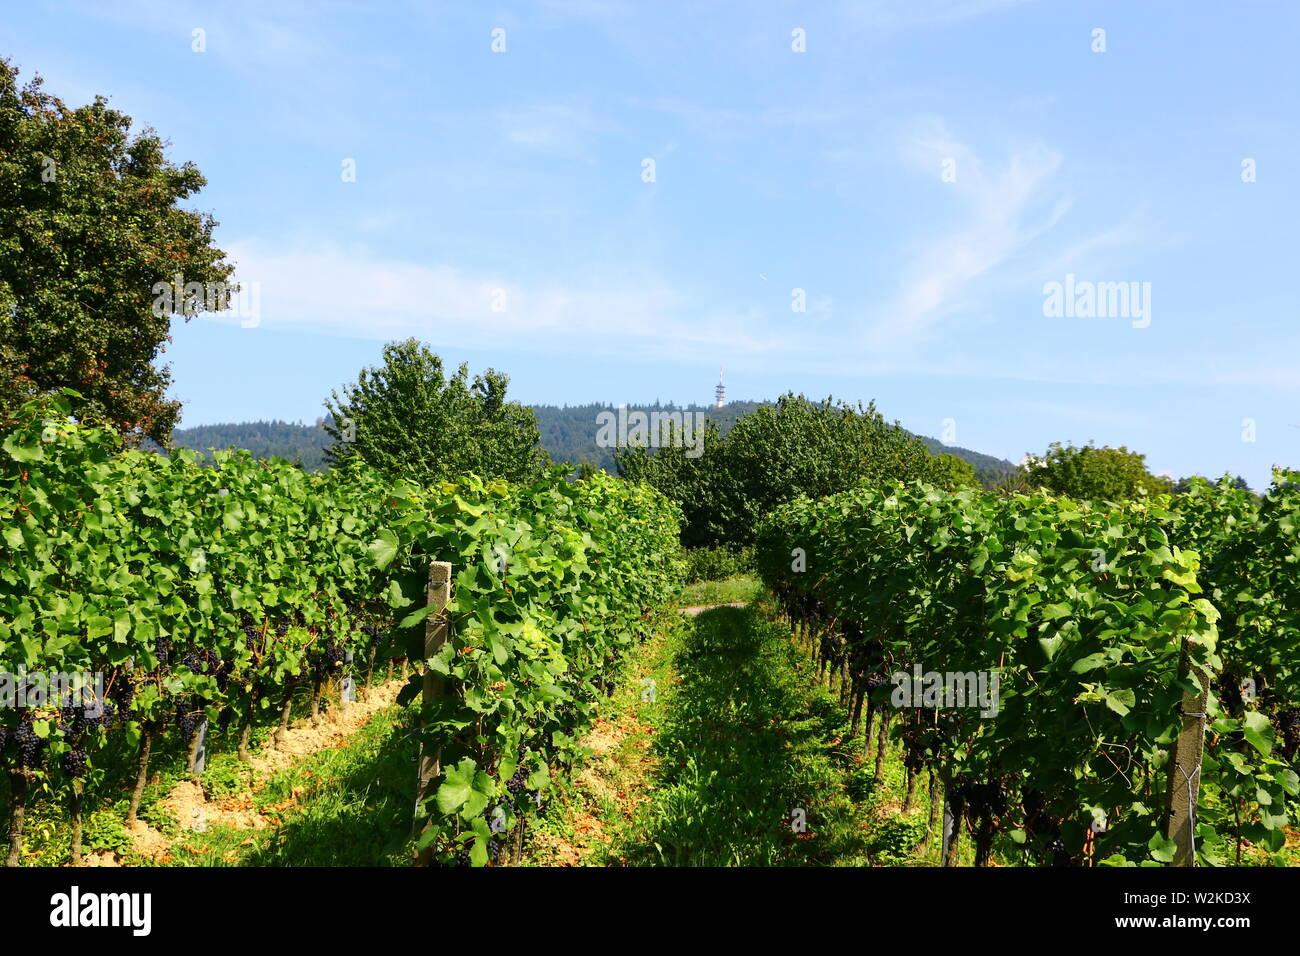 Weinstöcke im Hochsommer in der Nähe von Bühl im Hochsommer Stock Photo